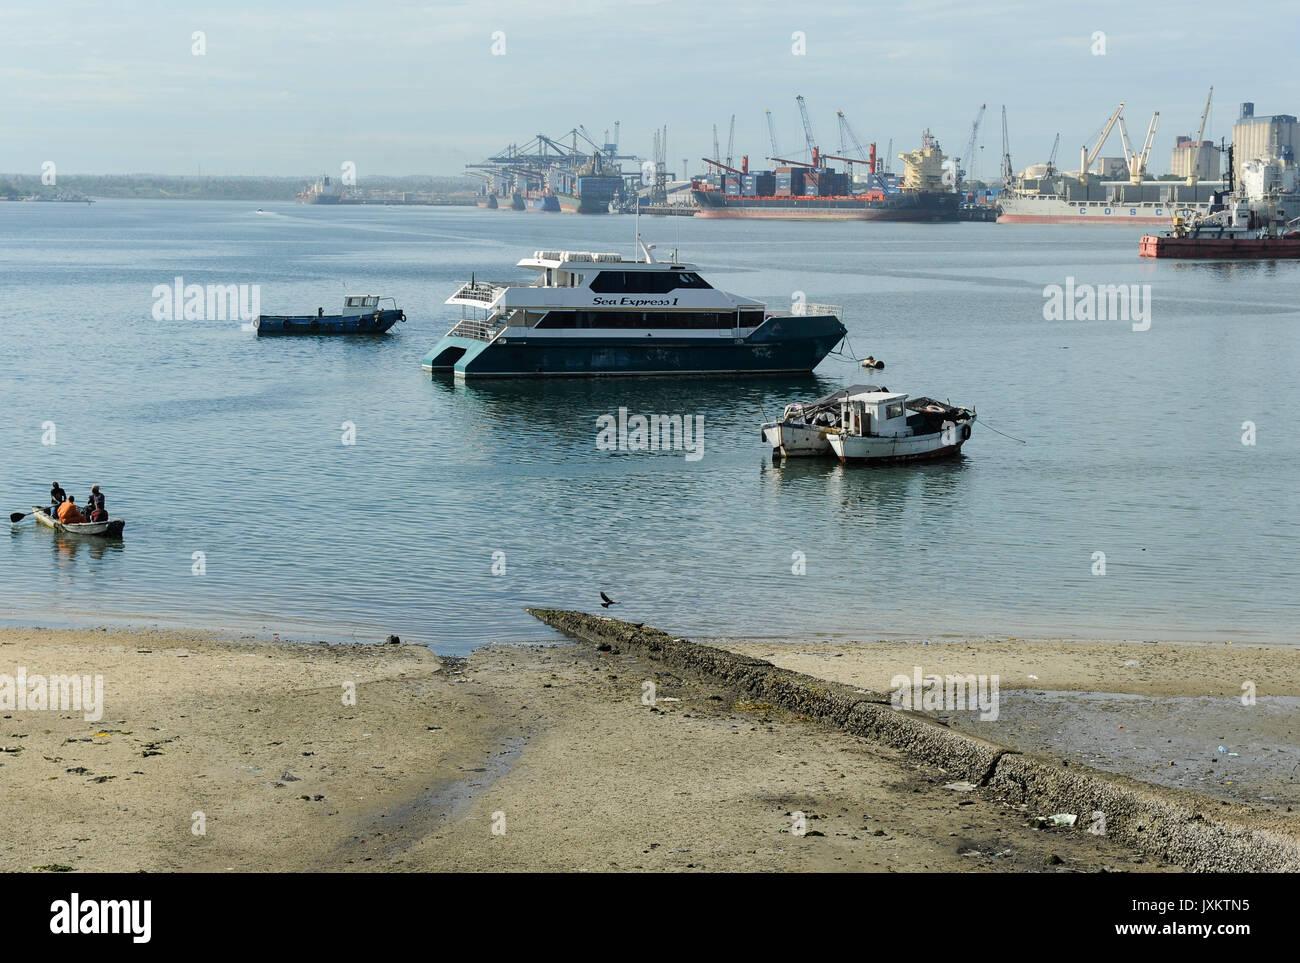 Tanzanie Dar es Salaam , maison arabe de paix, port / Tanzanie Dar es Salam, Hafen Photo Stock